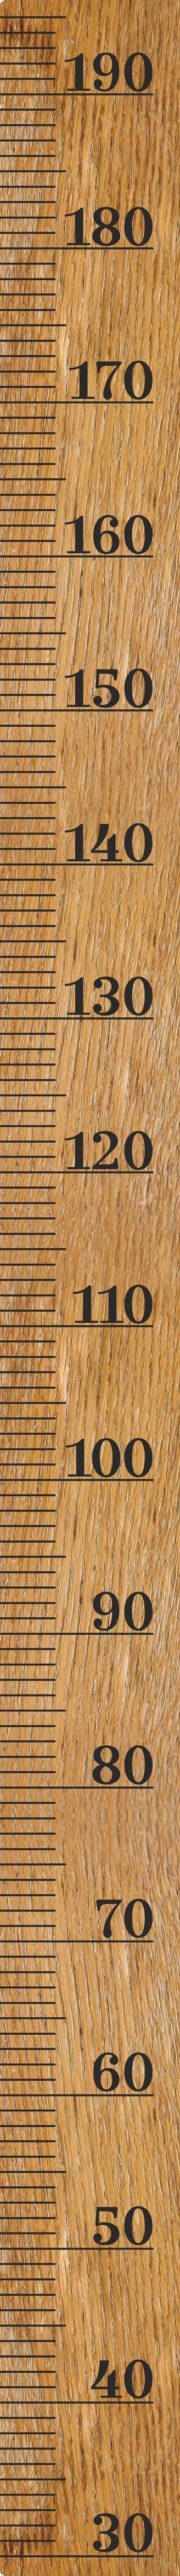 Fabristick Wooden Ruler Height Chart Wall Sticker